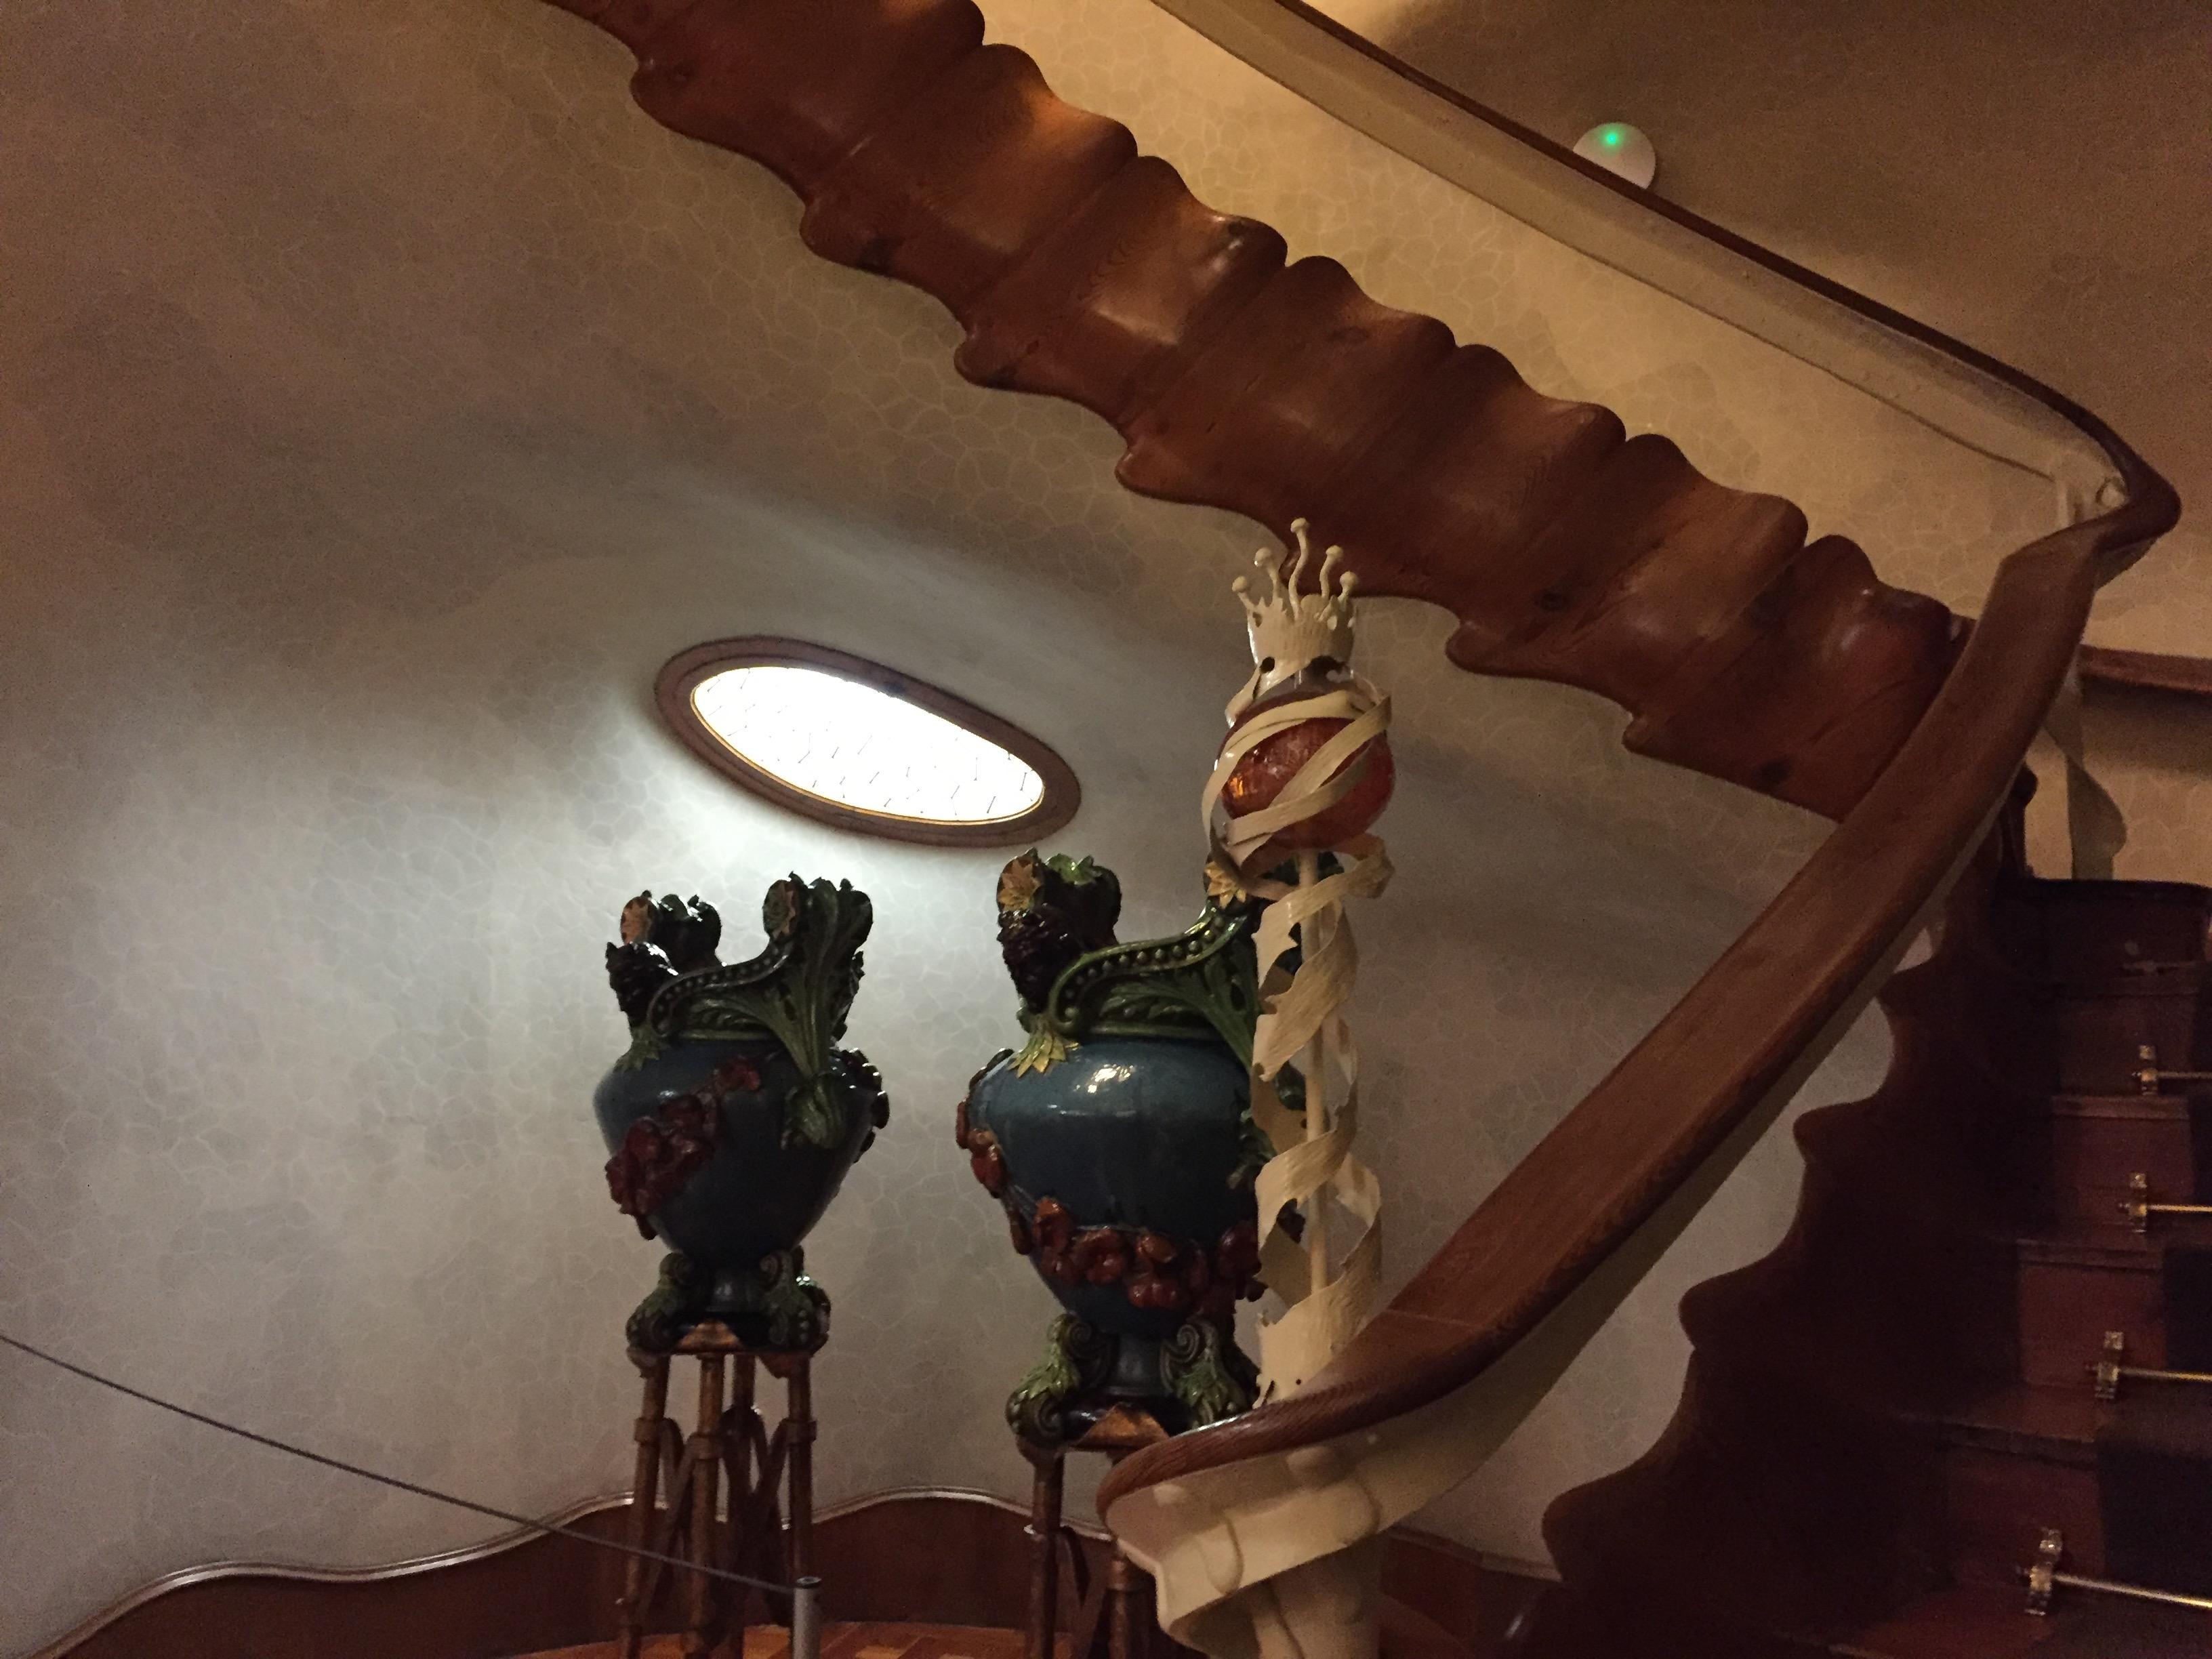 IMG 0820 - Visita a la Casa Batlló en Barcelona Parte I/II